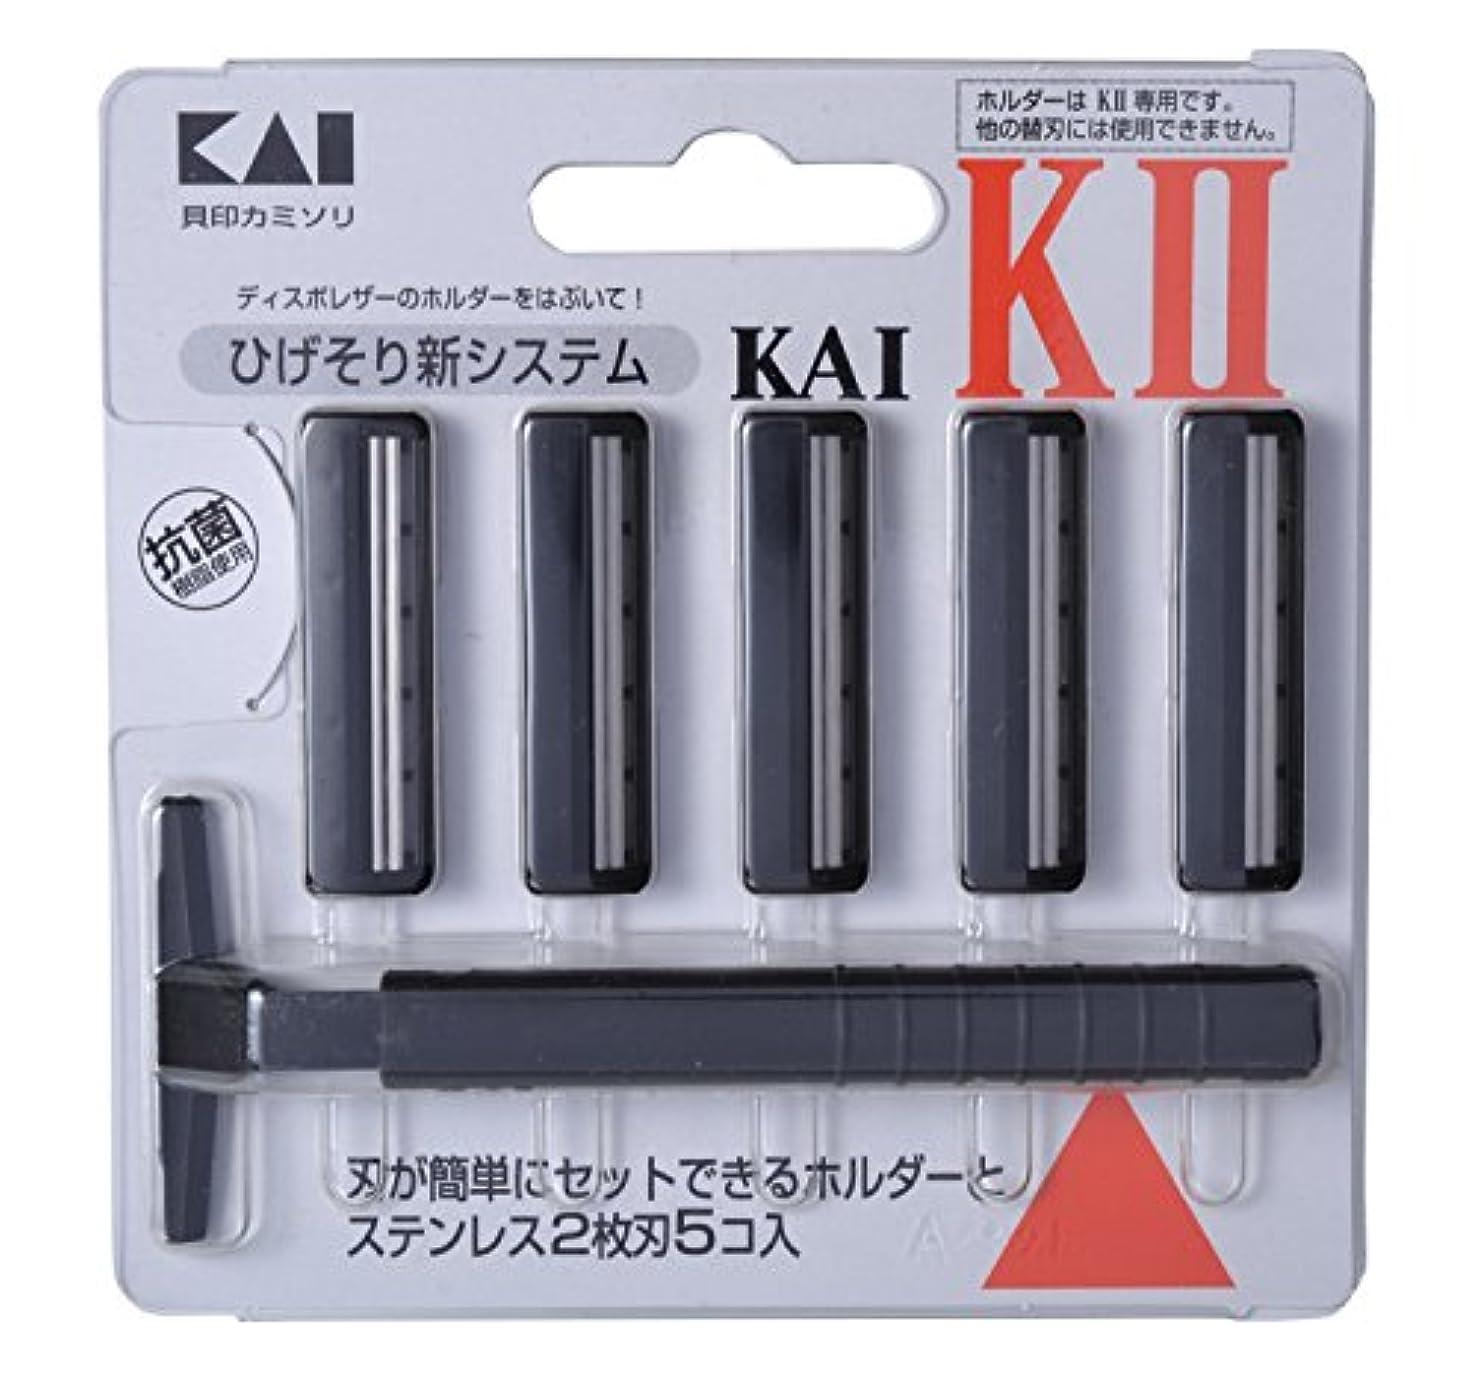 複製する背景兵隊KAI K-II